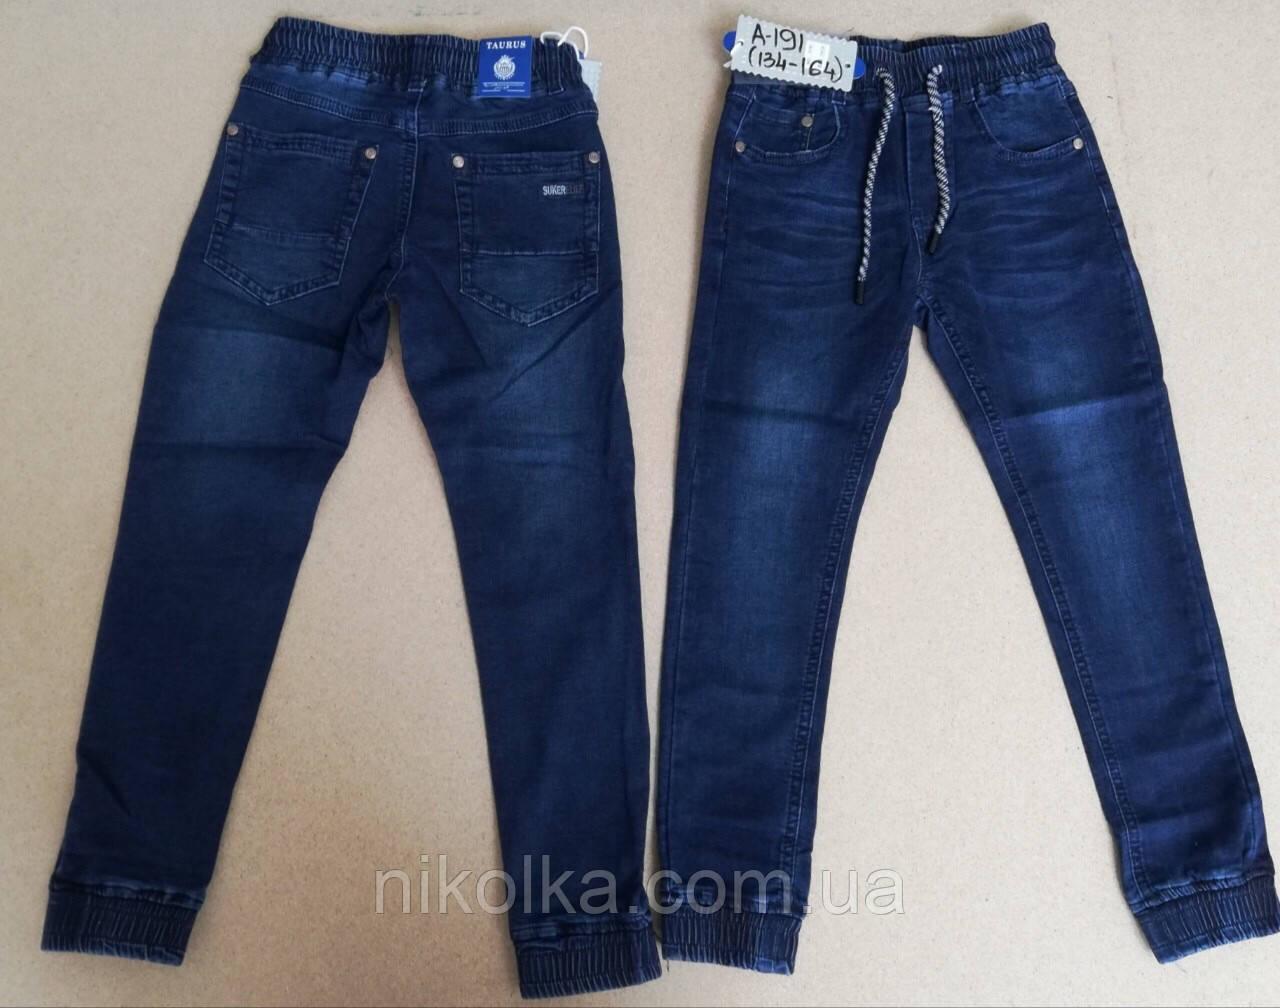 Джинсовые брюки для мальчиков  оптом,Taurus ,134-164 рр., арт. A-191